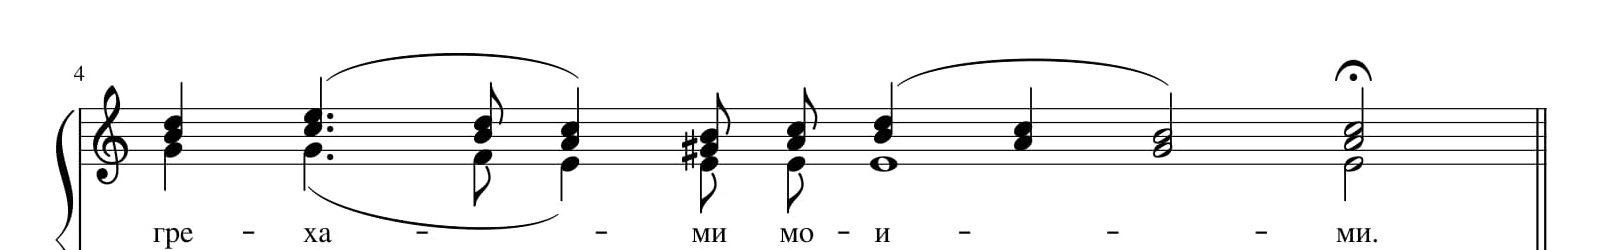 Ипакои Кресту. Монастырский напев. П. Григорьев